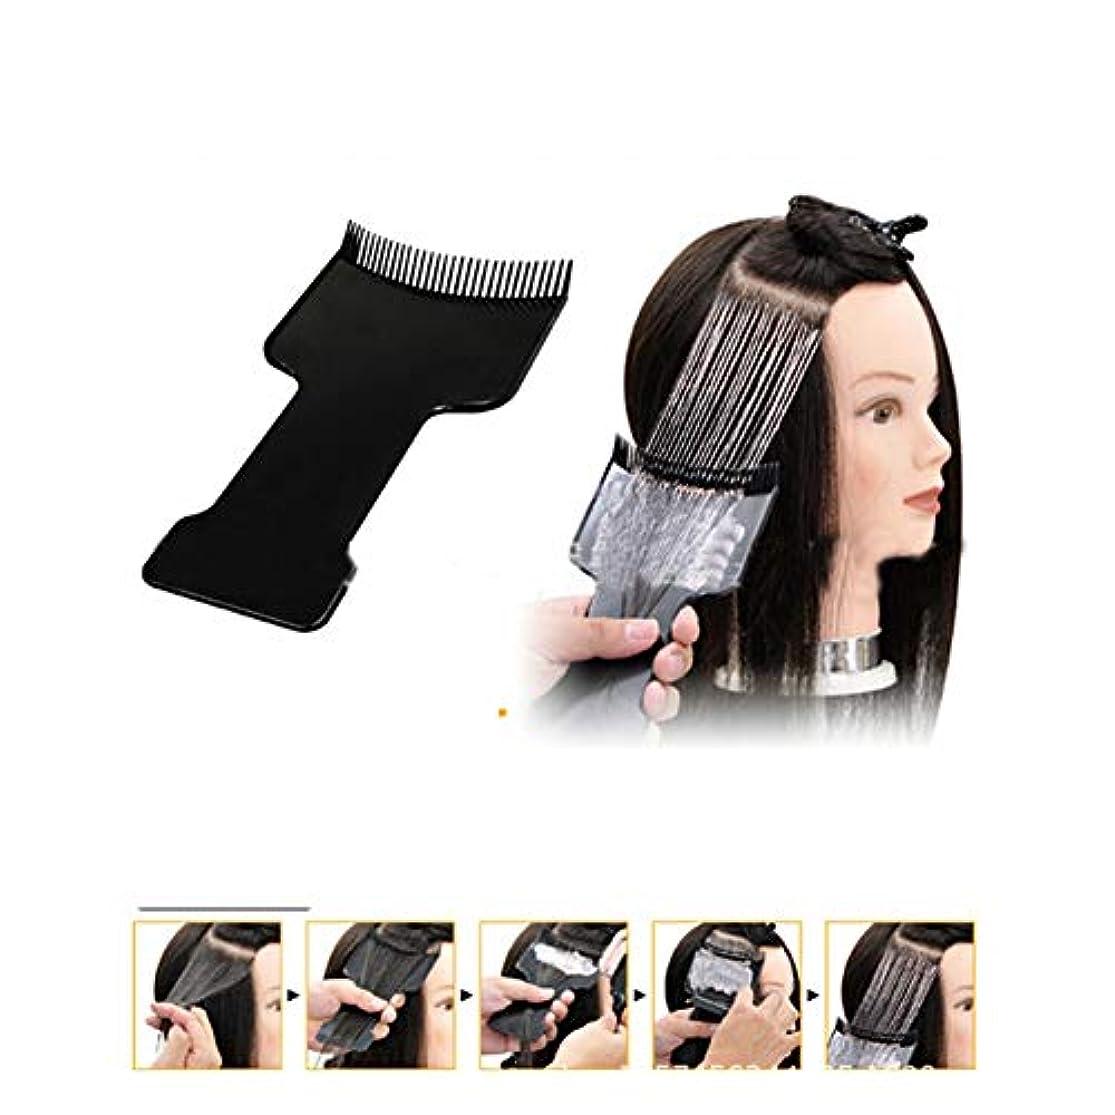 閉じるリンスブロックACHICOO プロ 櫛理髪ピックカラーボードヘアダイカラーブラシサロンストリークプレートツール理髪櫛